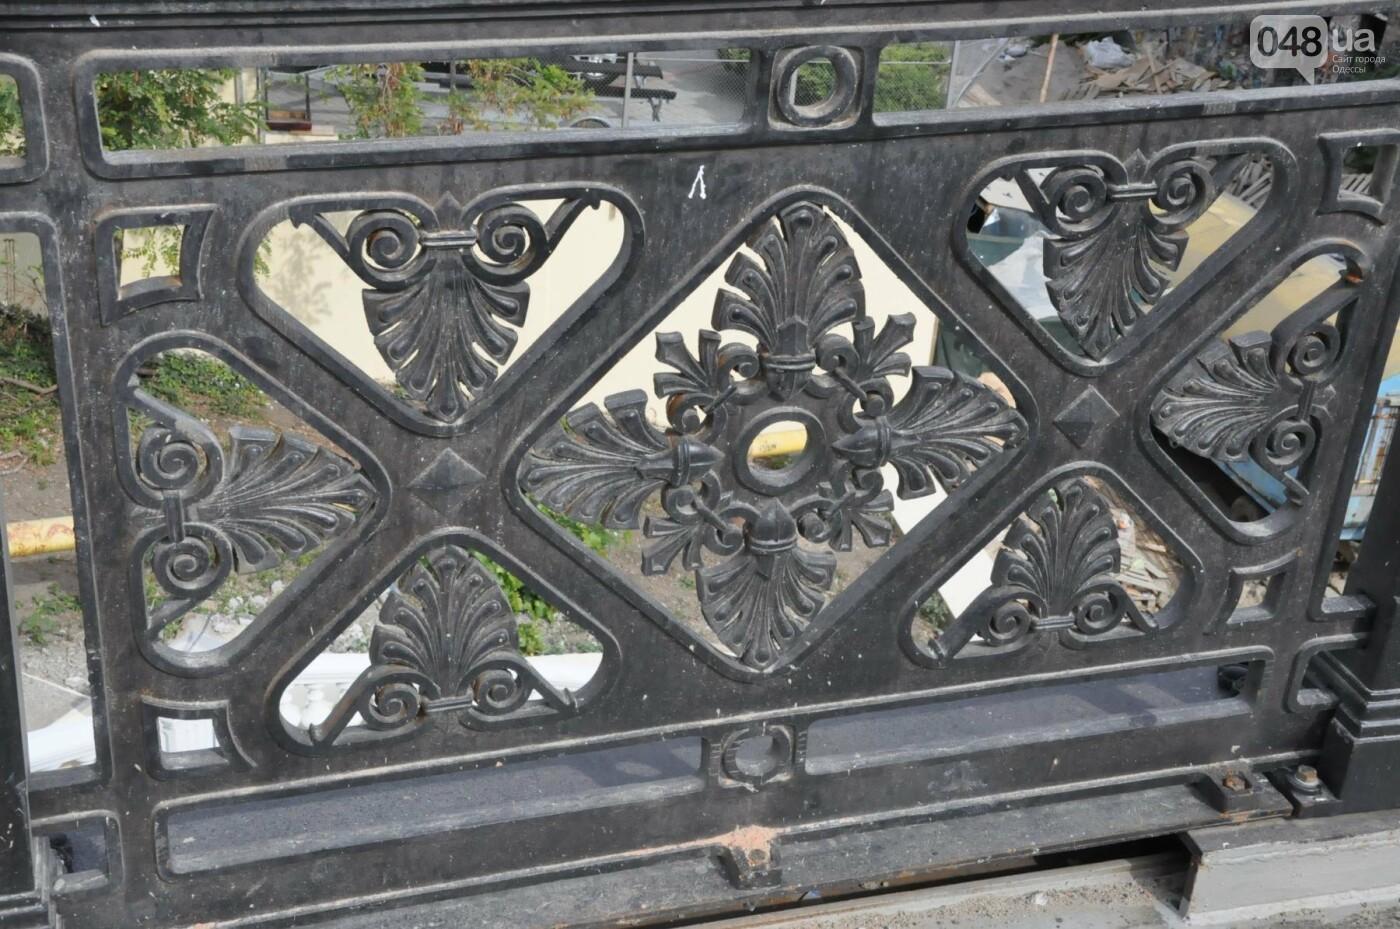 Одесский брат Эйфелевой башни ржав и, возможно, обворован при реставрации (ФОТО), фото-3